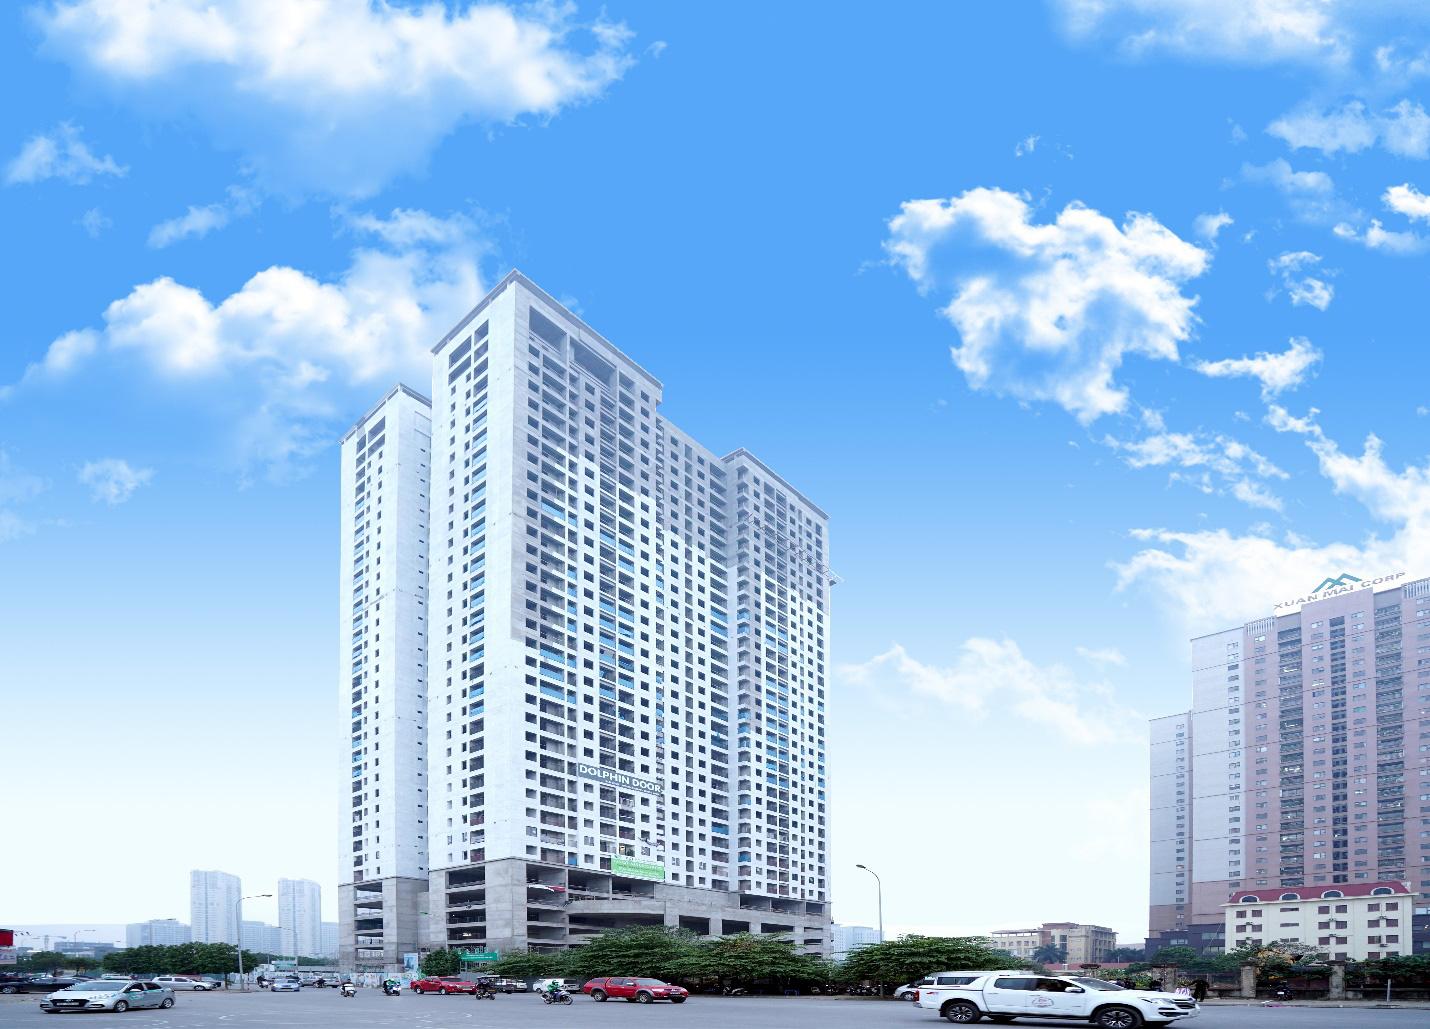 Thỏa mãn giấc mơ an cư khi mua căn hộ Phú Thịnh Green Park - Ảnh 3.